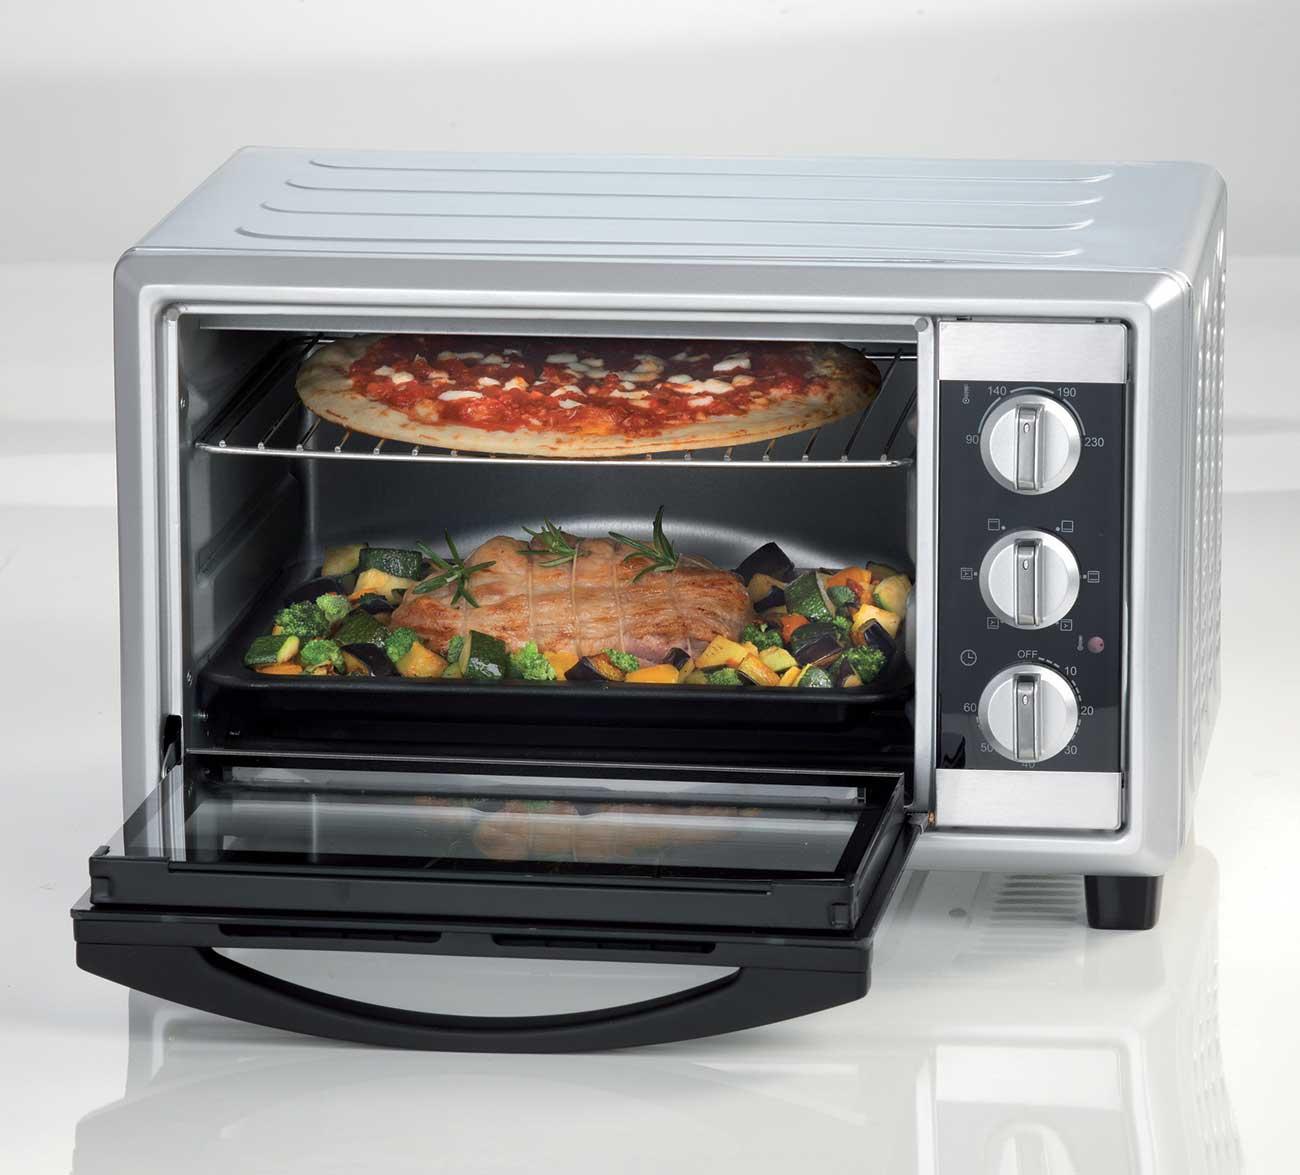 Bon cuisine 250 ariete en for Ariete bon cuisine 250